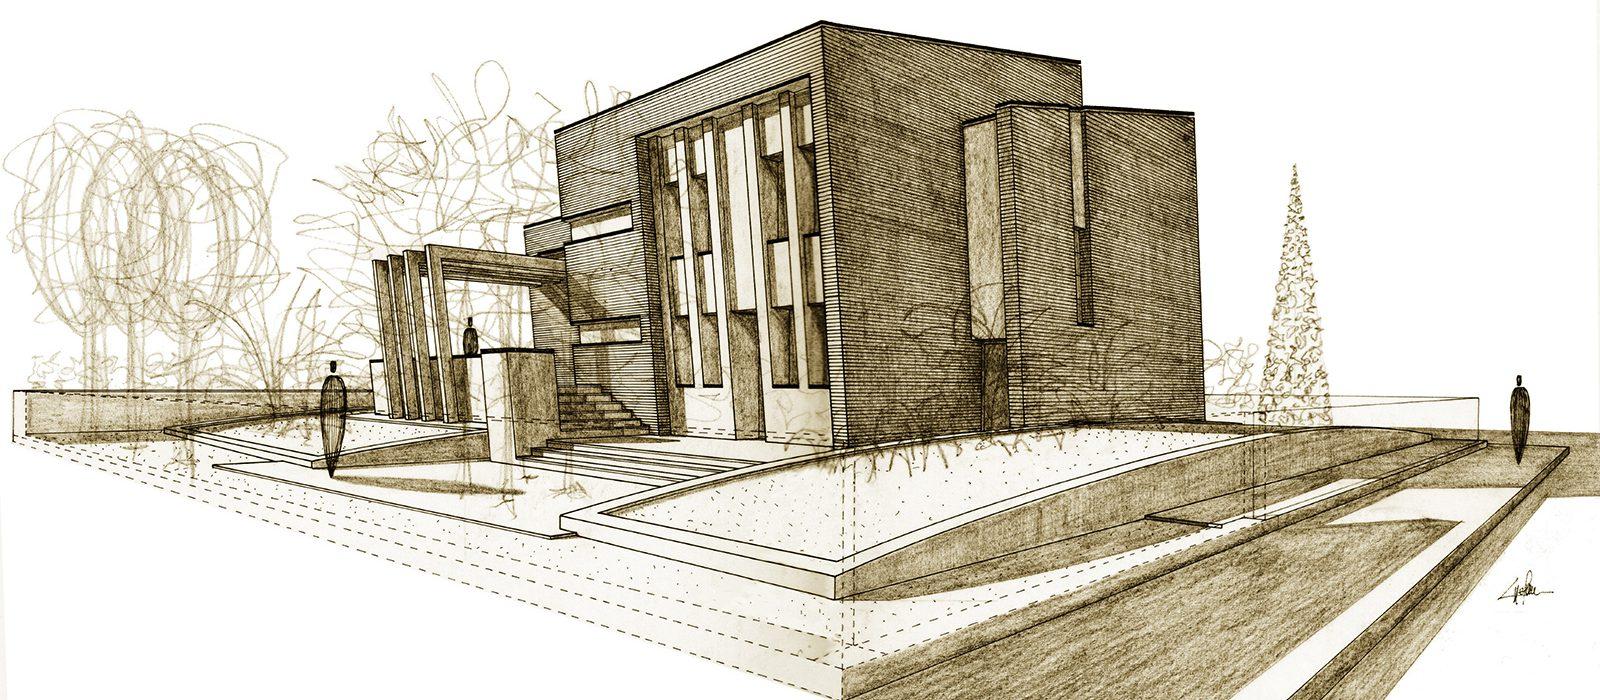 7_disegno_preparatorio_studio_giuseppe_passaro_architettura_progetto_beta